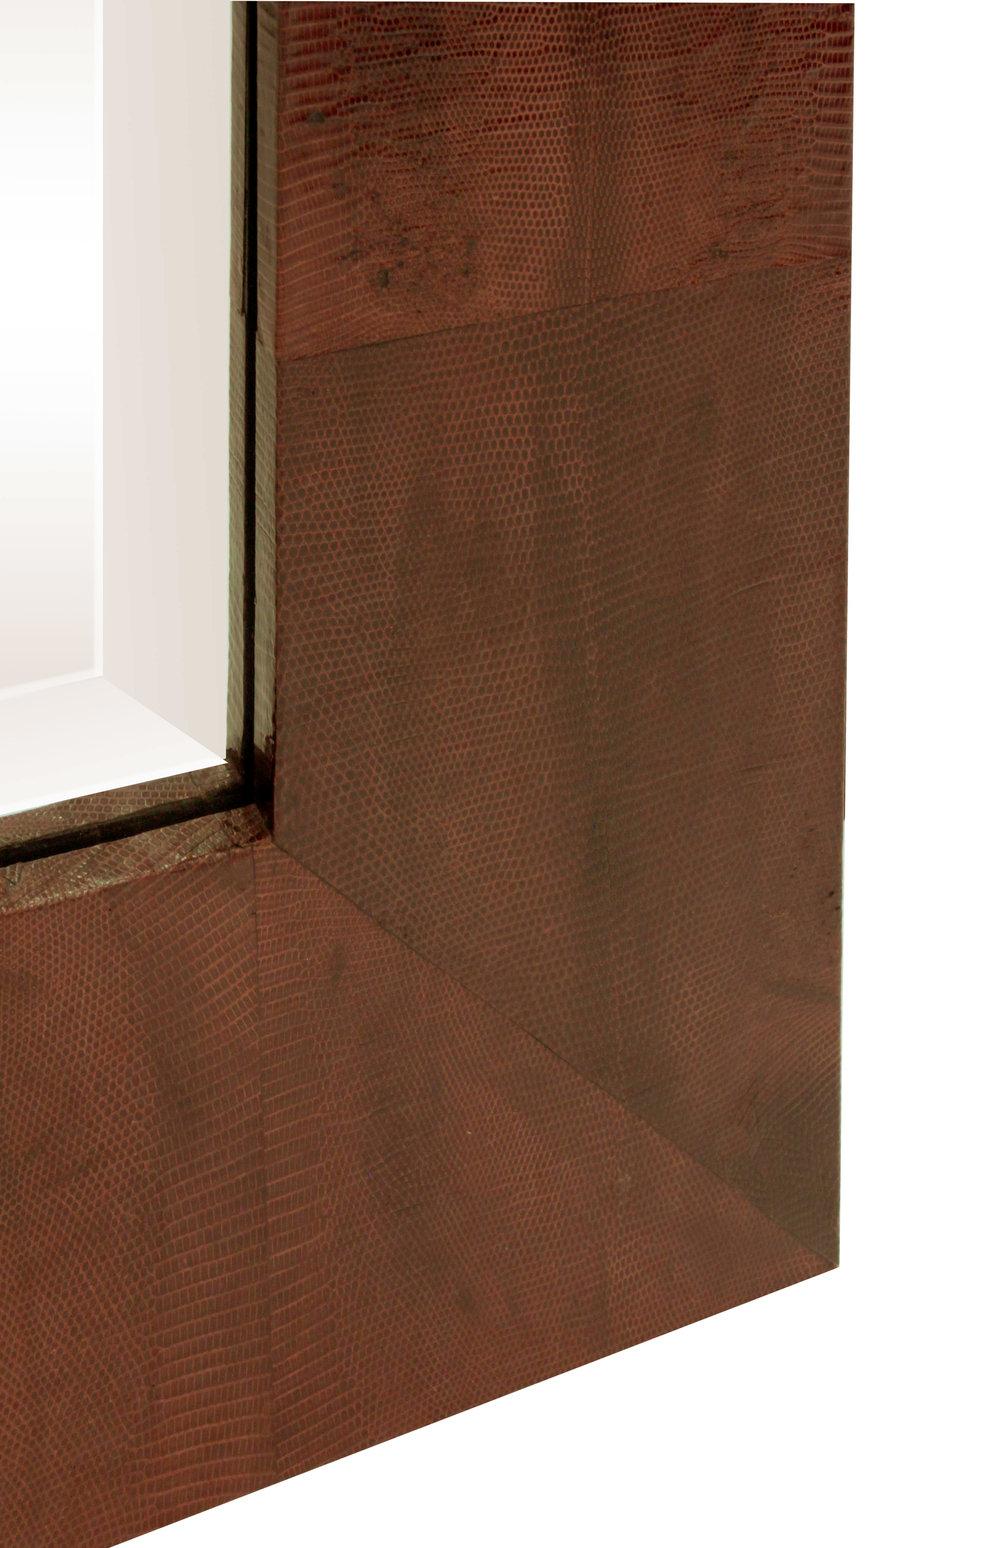 Springer 85 arctop crest brwn liz mirror99 detail3 hires.JPG